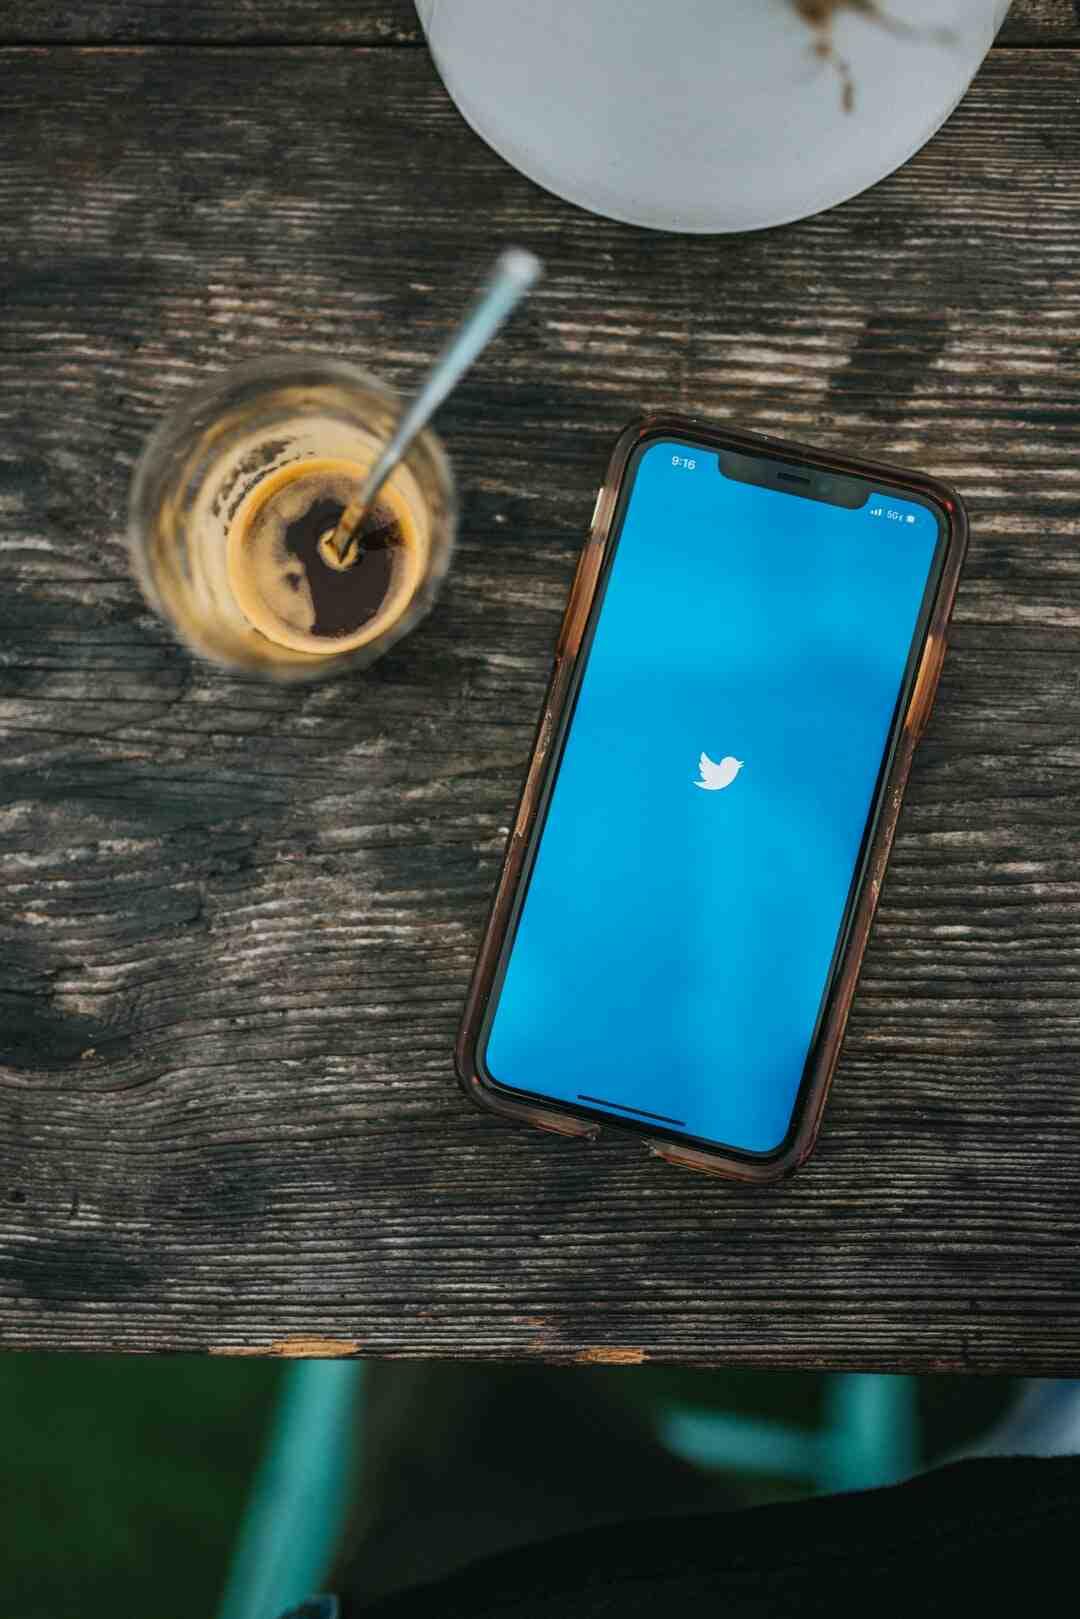 Quelle est le but de l'utilisation de Twitter ?